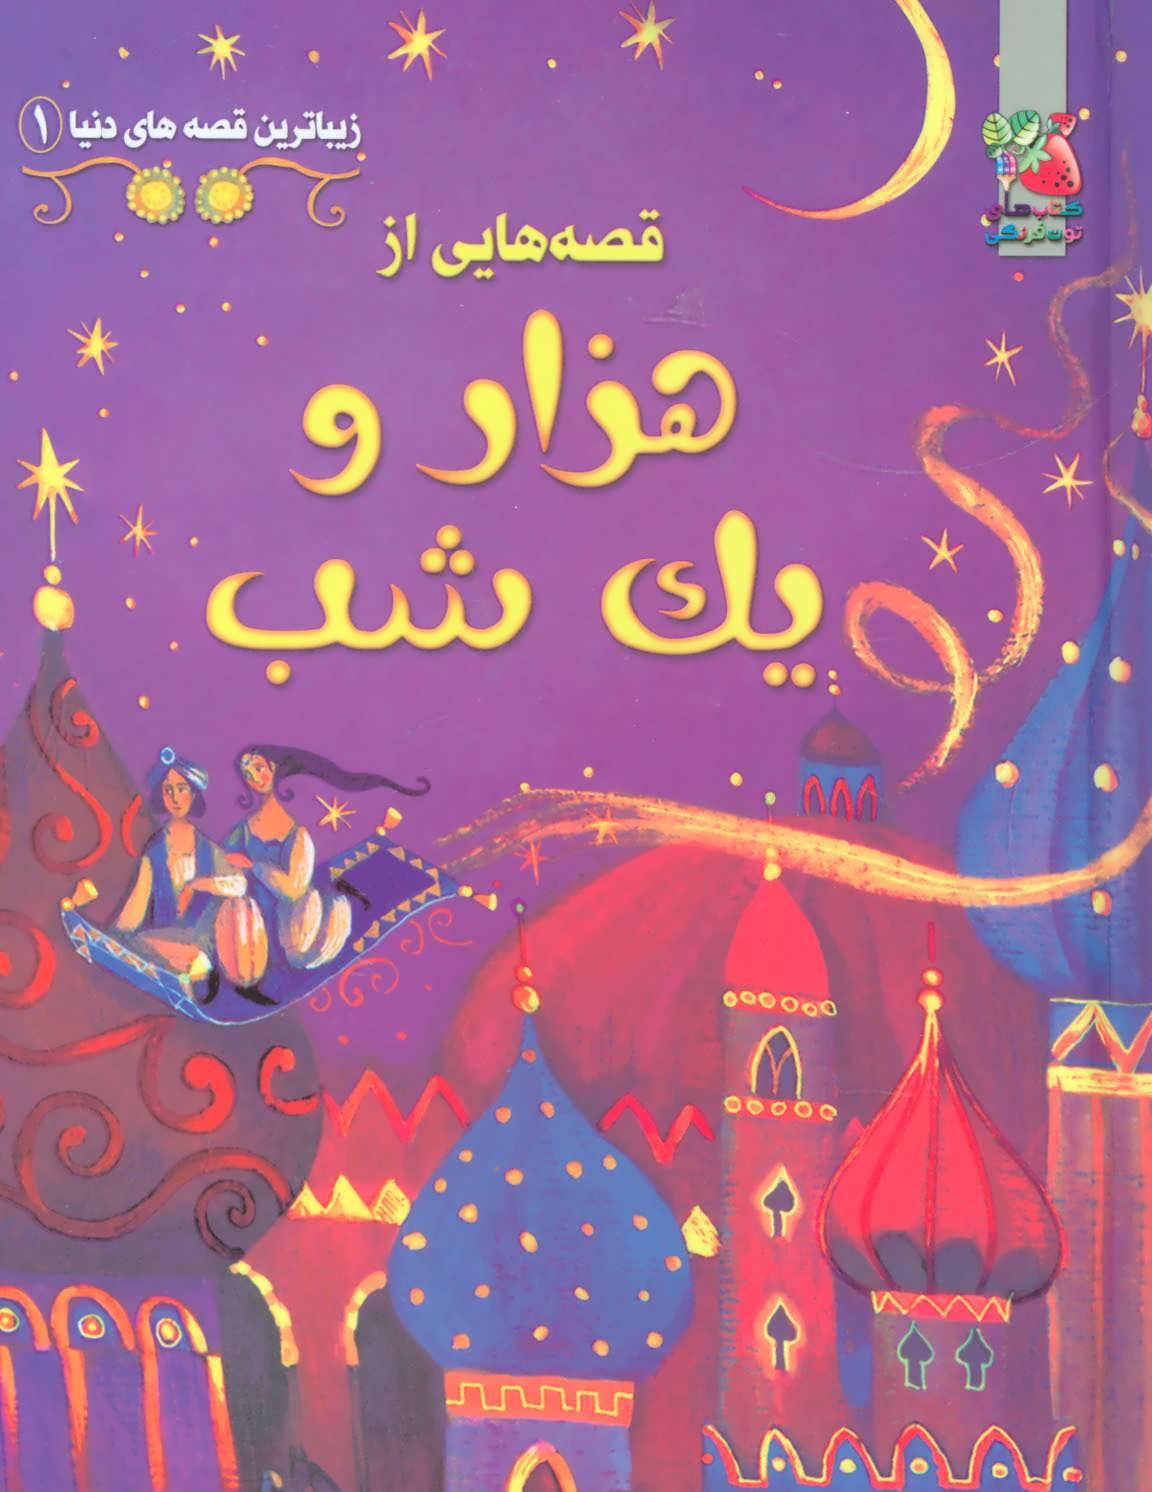 زیباترین قصه های دنیا 1 (قصه هایی از 1001 شب)،(گلاسه)